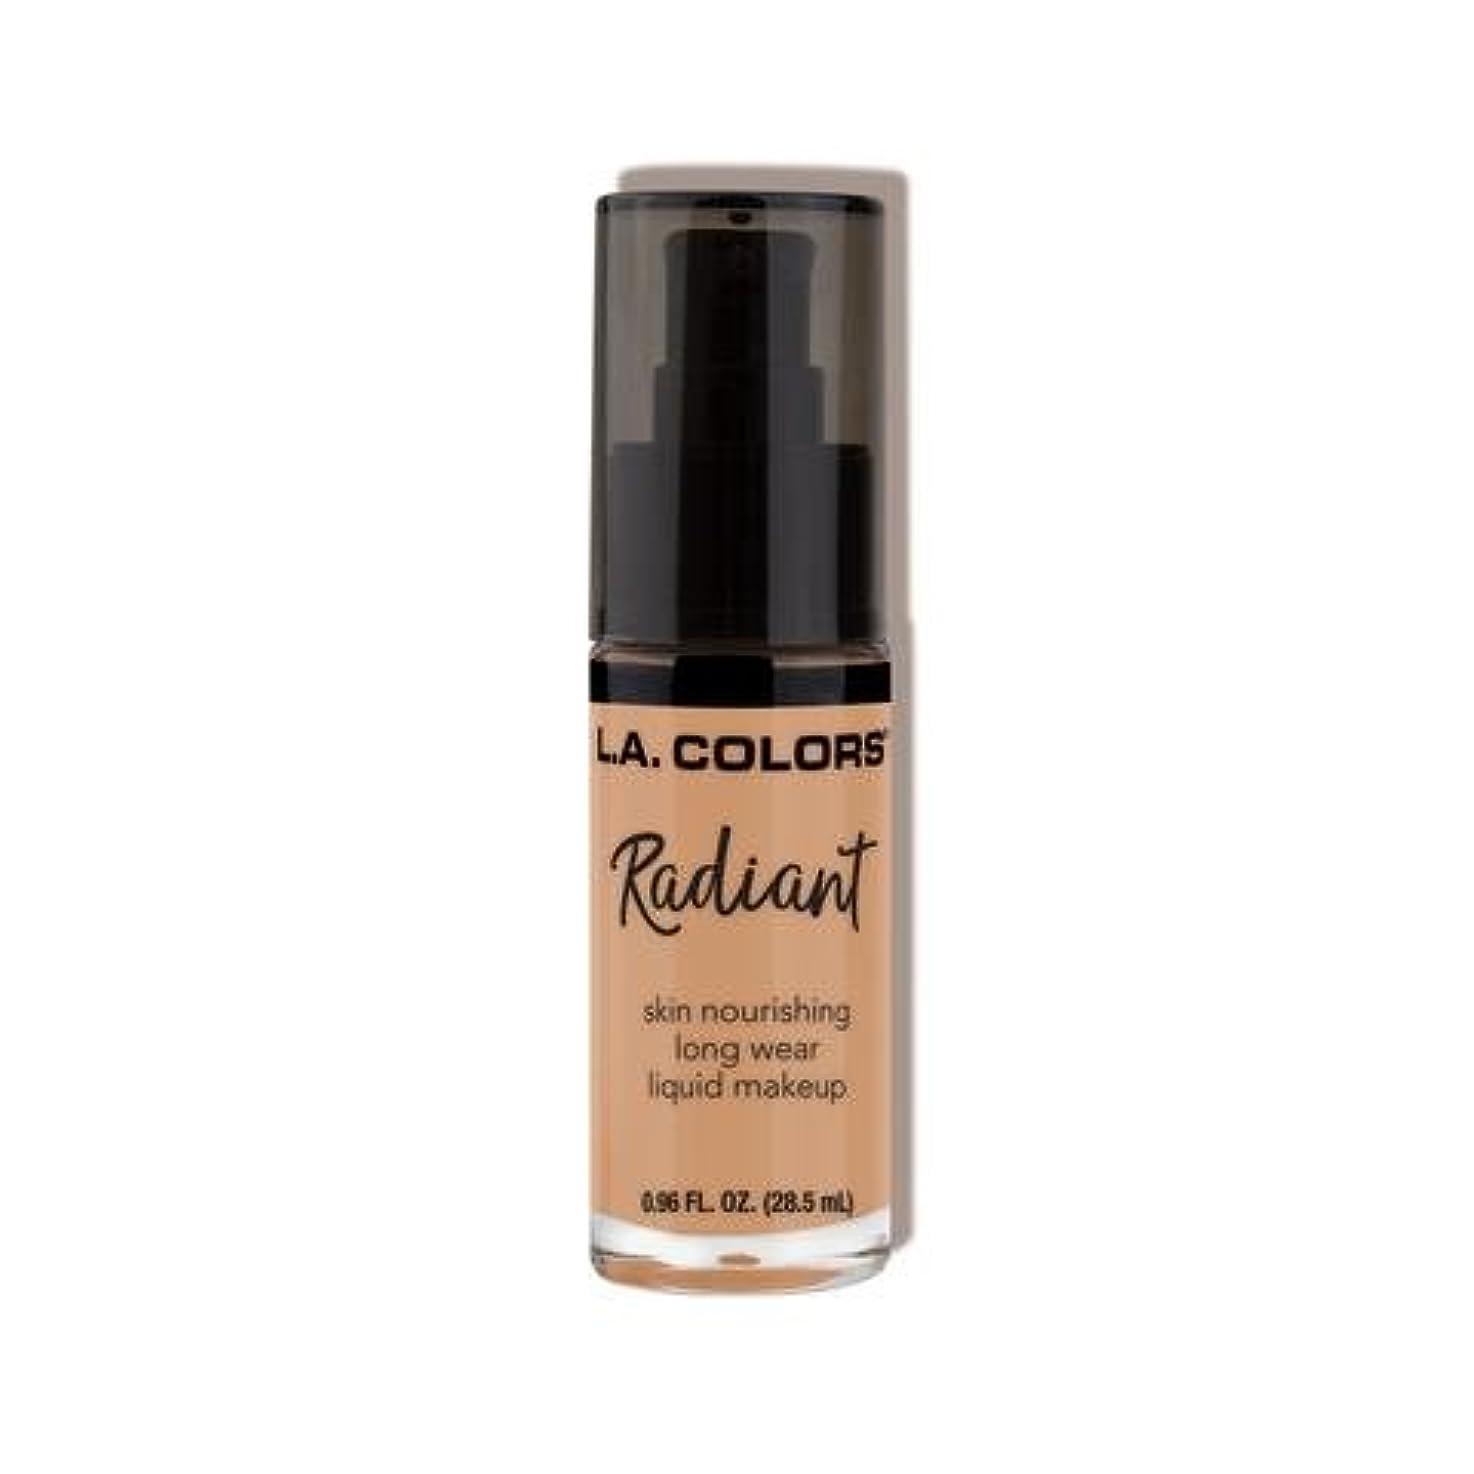 取り戻すバンジョー校長(3 Pack) L.A. COLORS Radiant Liquid Makeup - Light Tan (並行輸入品)